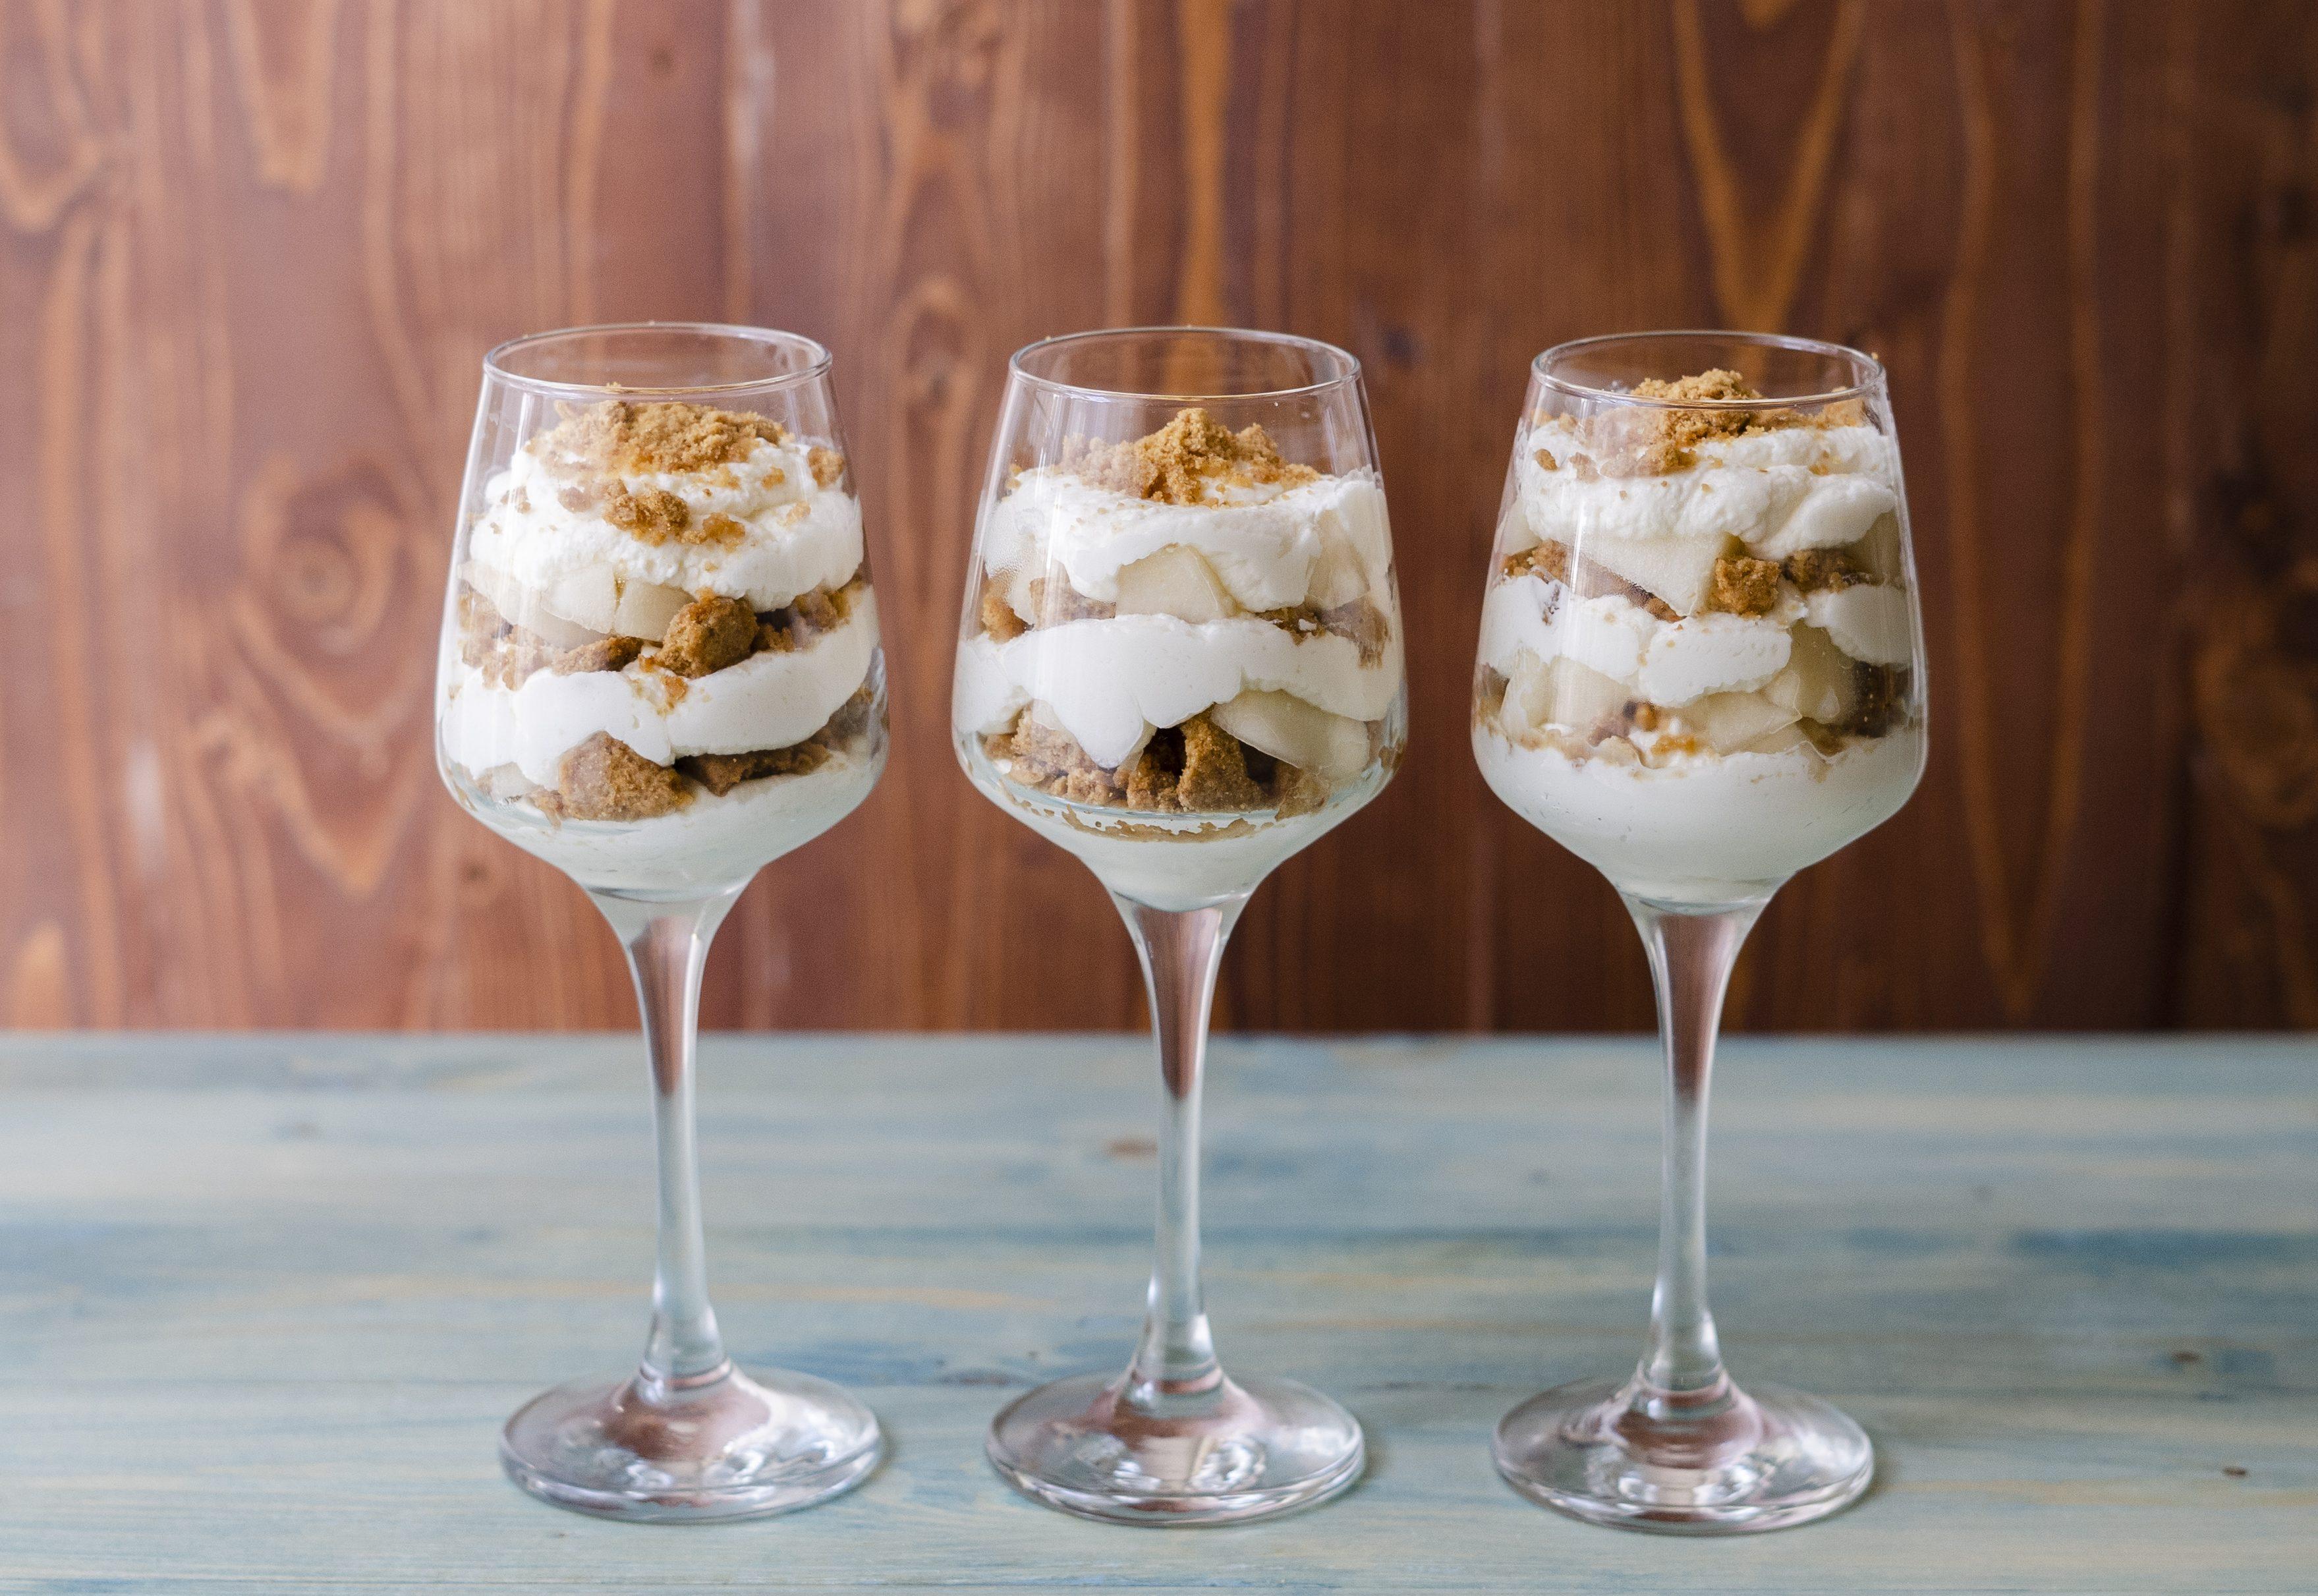 Bicchierini con pere e mascarpone: la ricetta del goloso dolce al cucchiaio